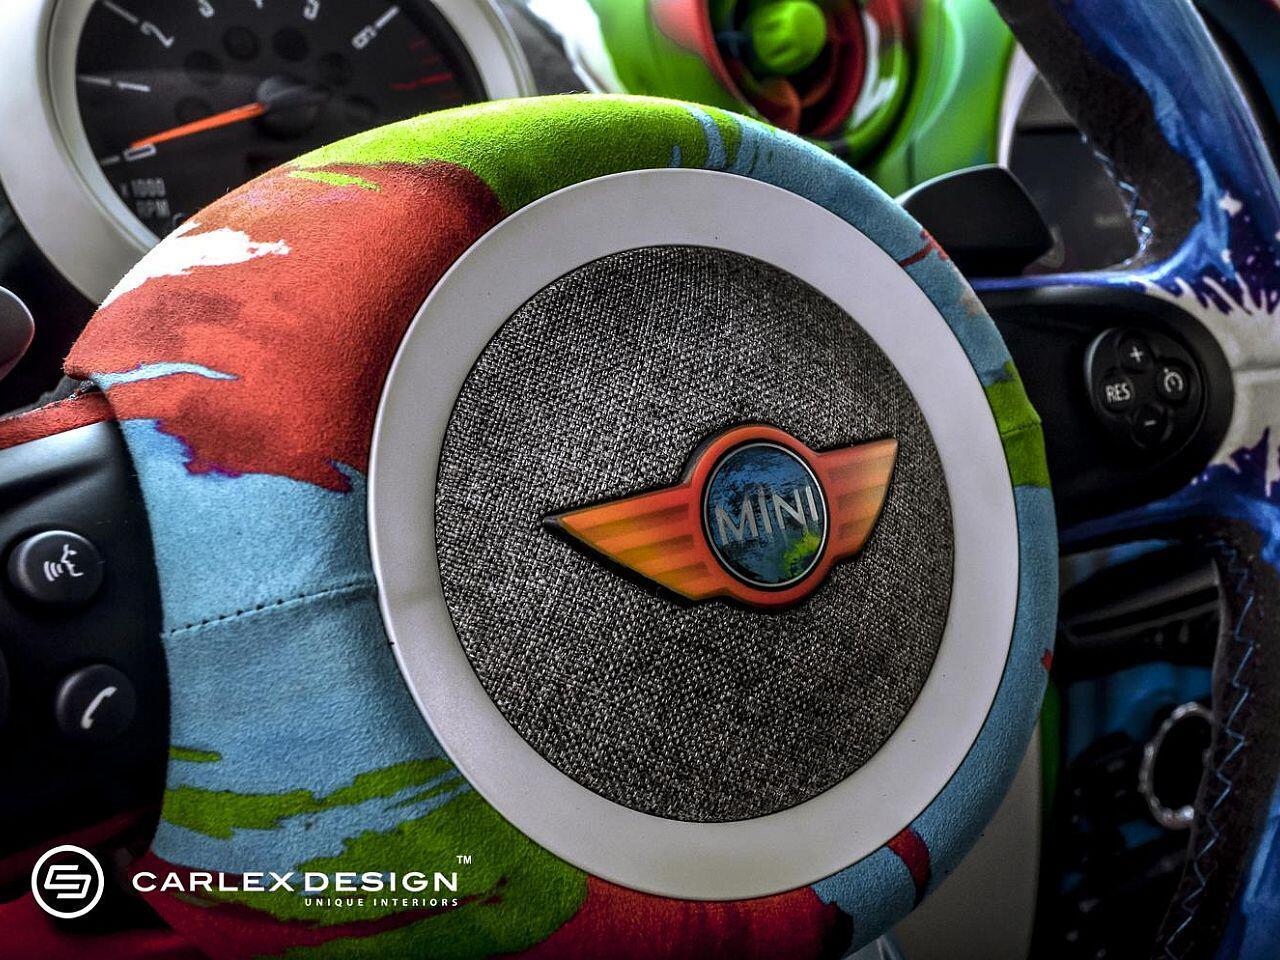 Bild zu Selbst das kleine Mini-Emblem auf dem Lenkrad kommt nun bunt daher